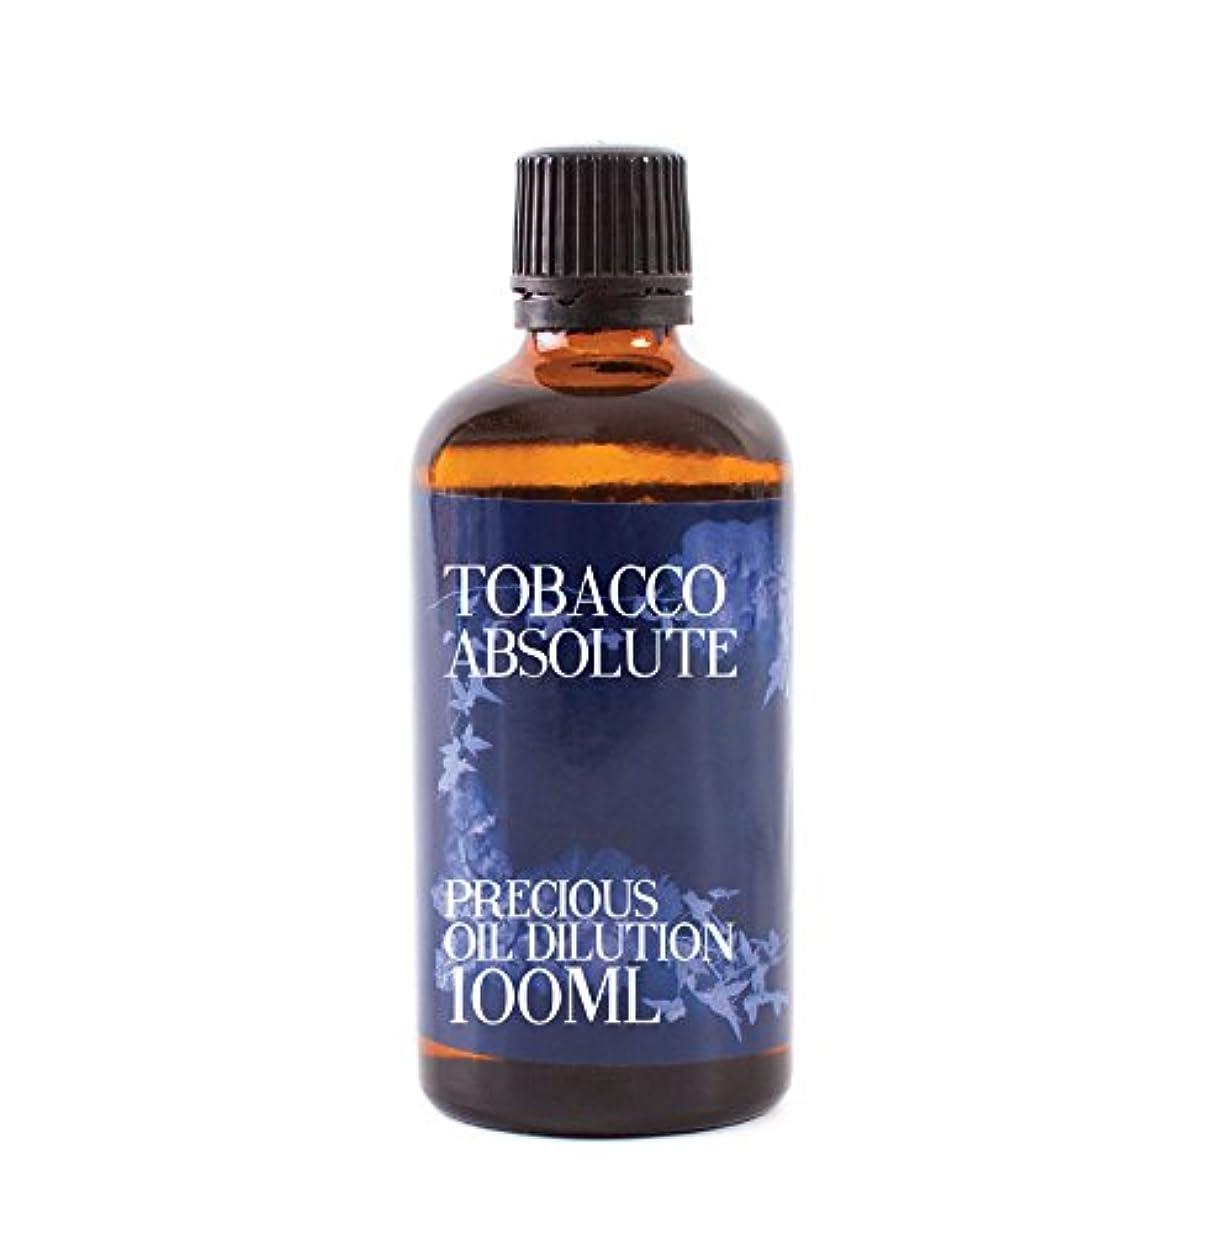 酸化するハムどのくらいの頻度でTobacco Absolute Oil Dilution - 100ml